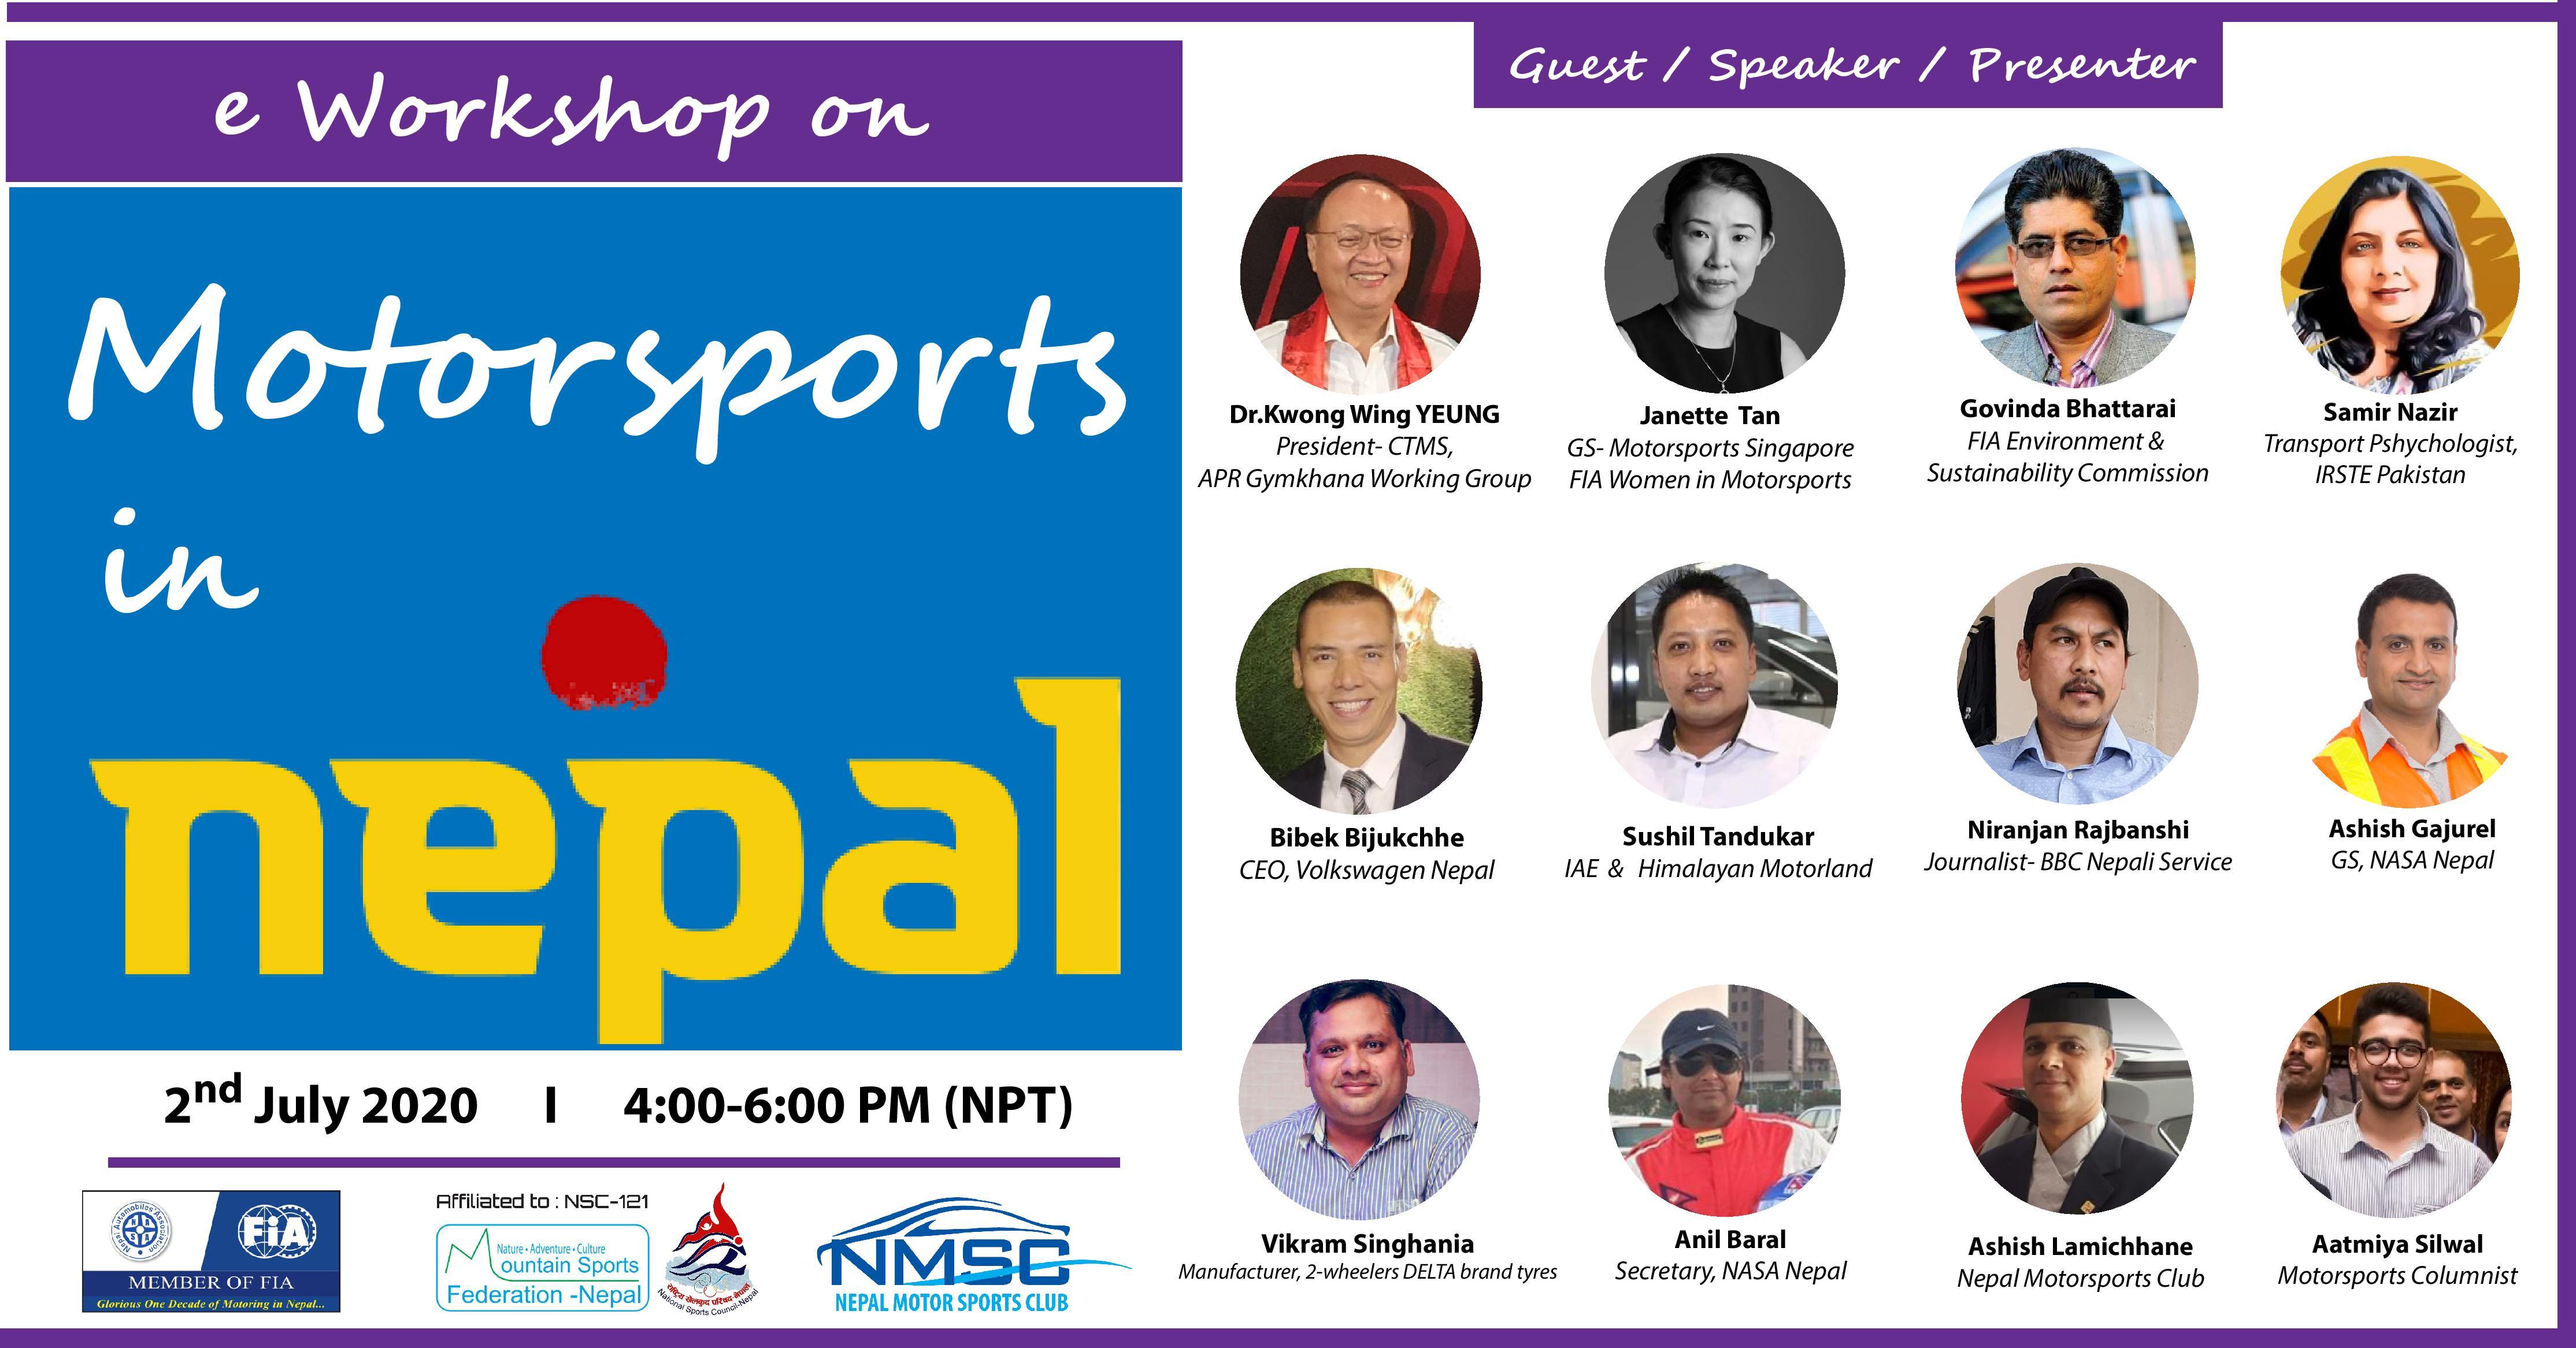 eWorkshop on Motor Sports in Nepal, 2 July 2020